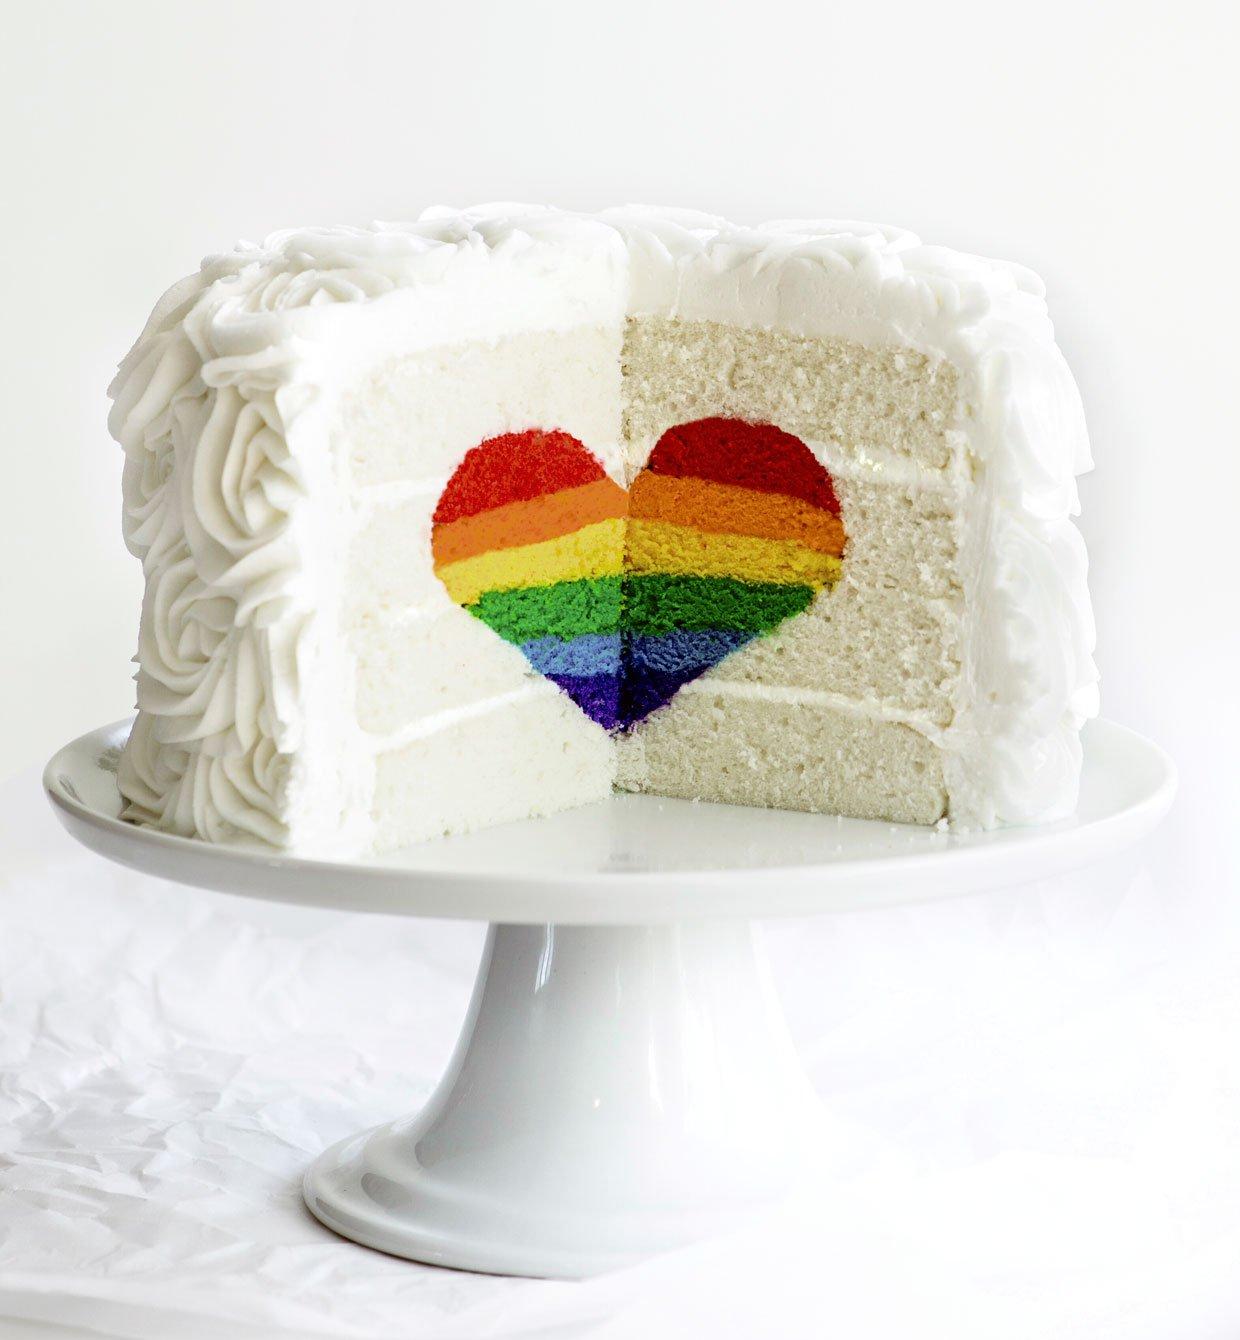 rainbow-heart-cake-finished